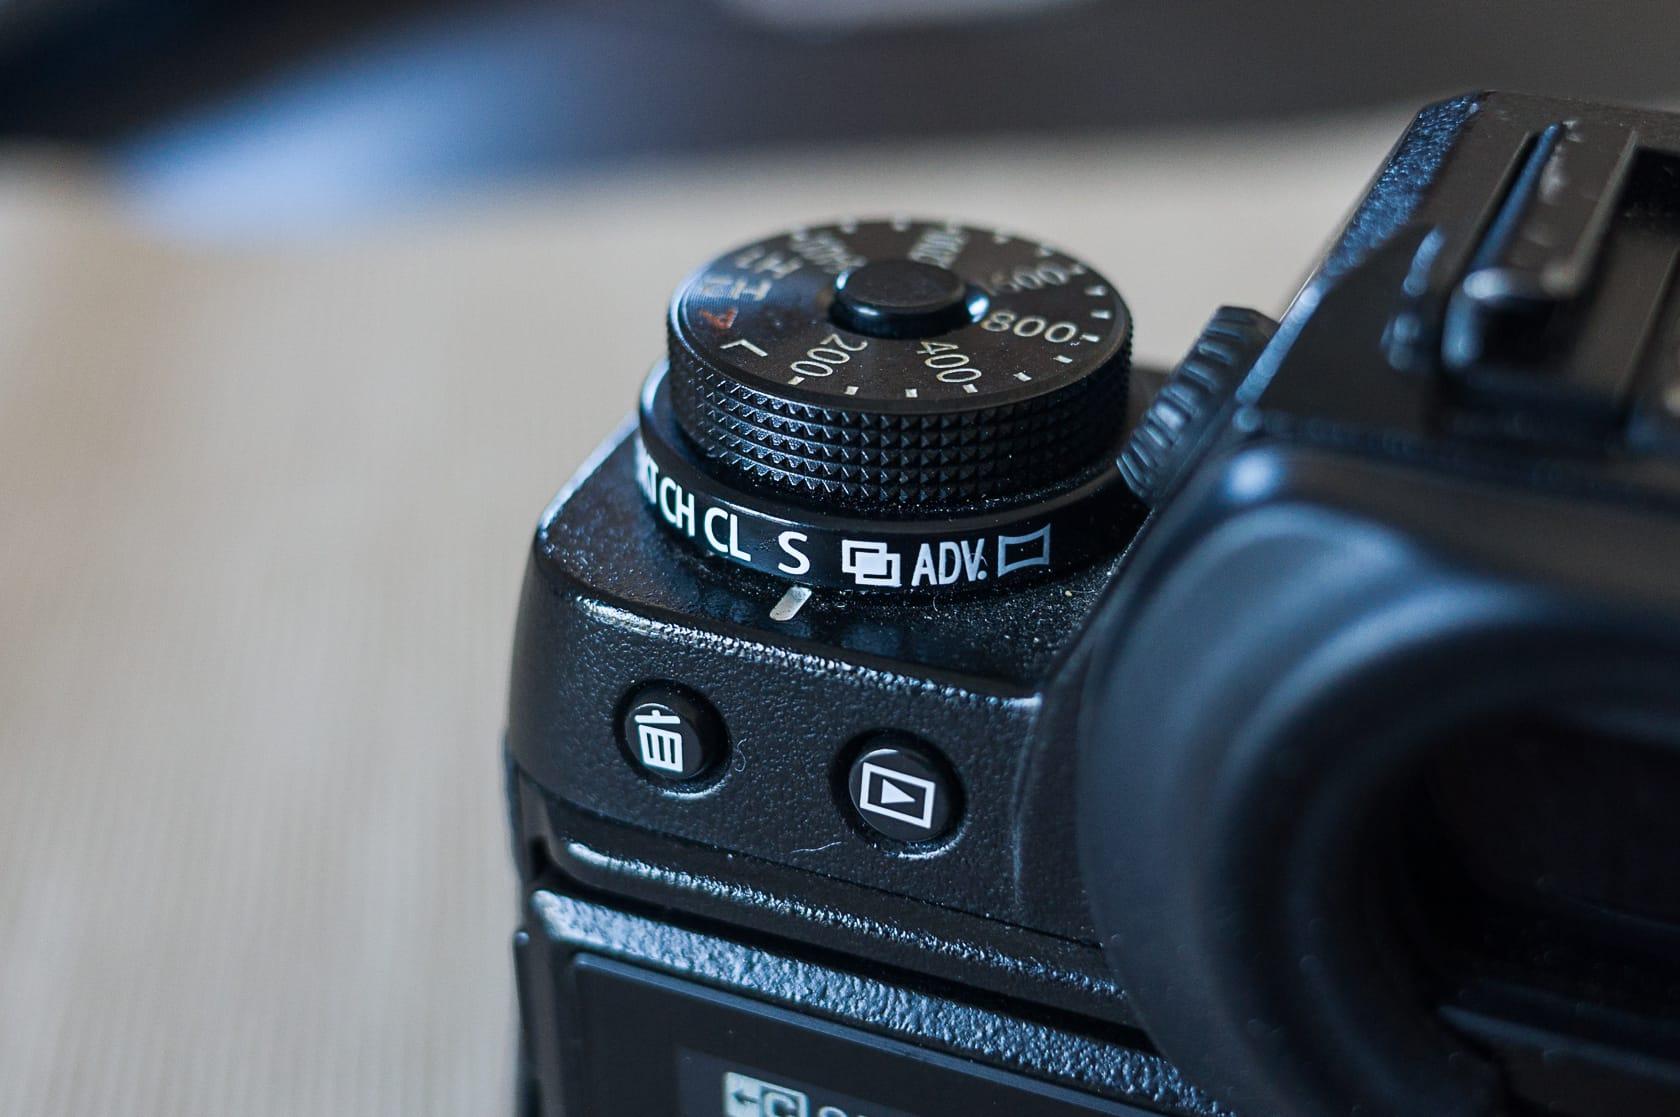 Fujifilm X-T1 Handling